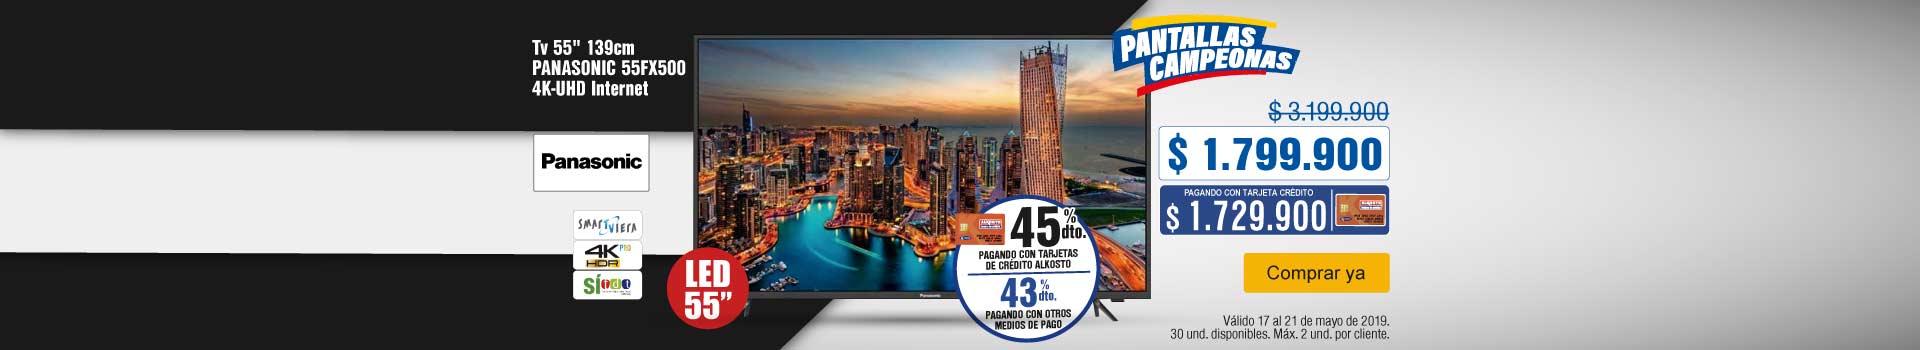 AK-KT-TV-PANASONIC-55FX500-BCAT3-17MAYO